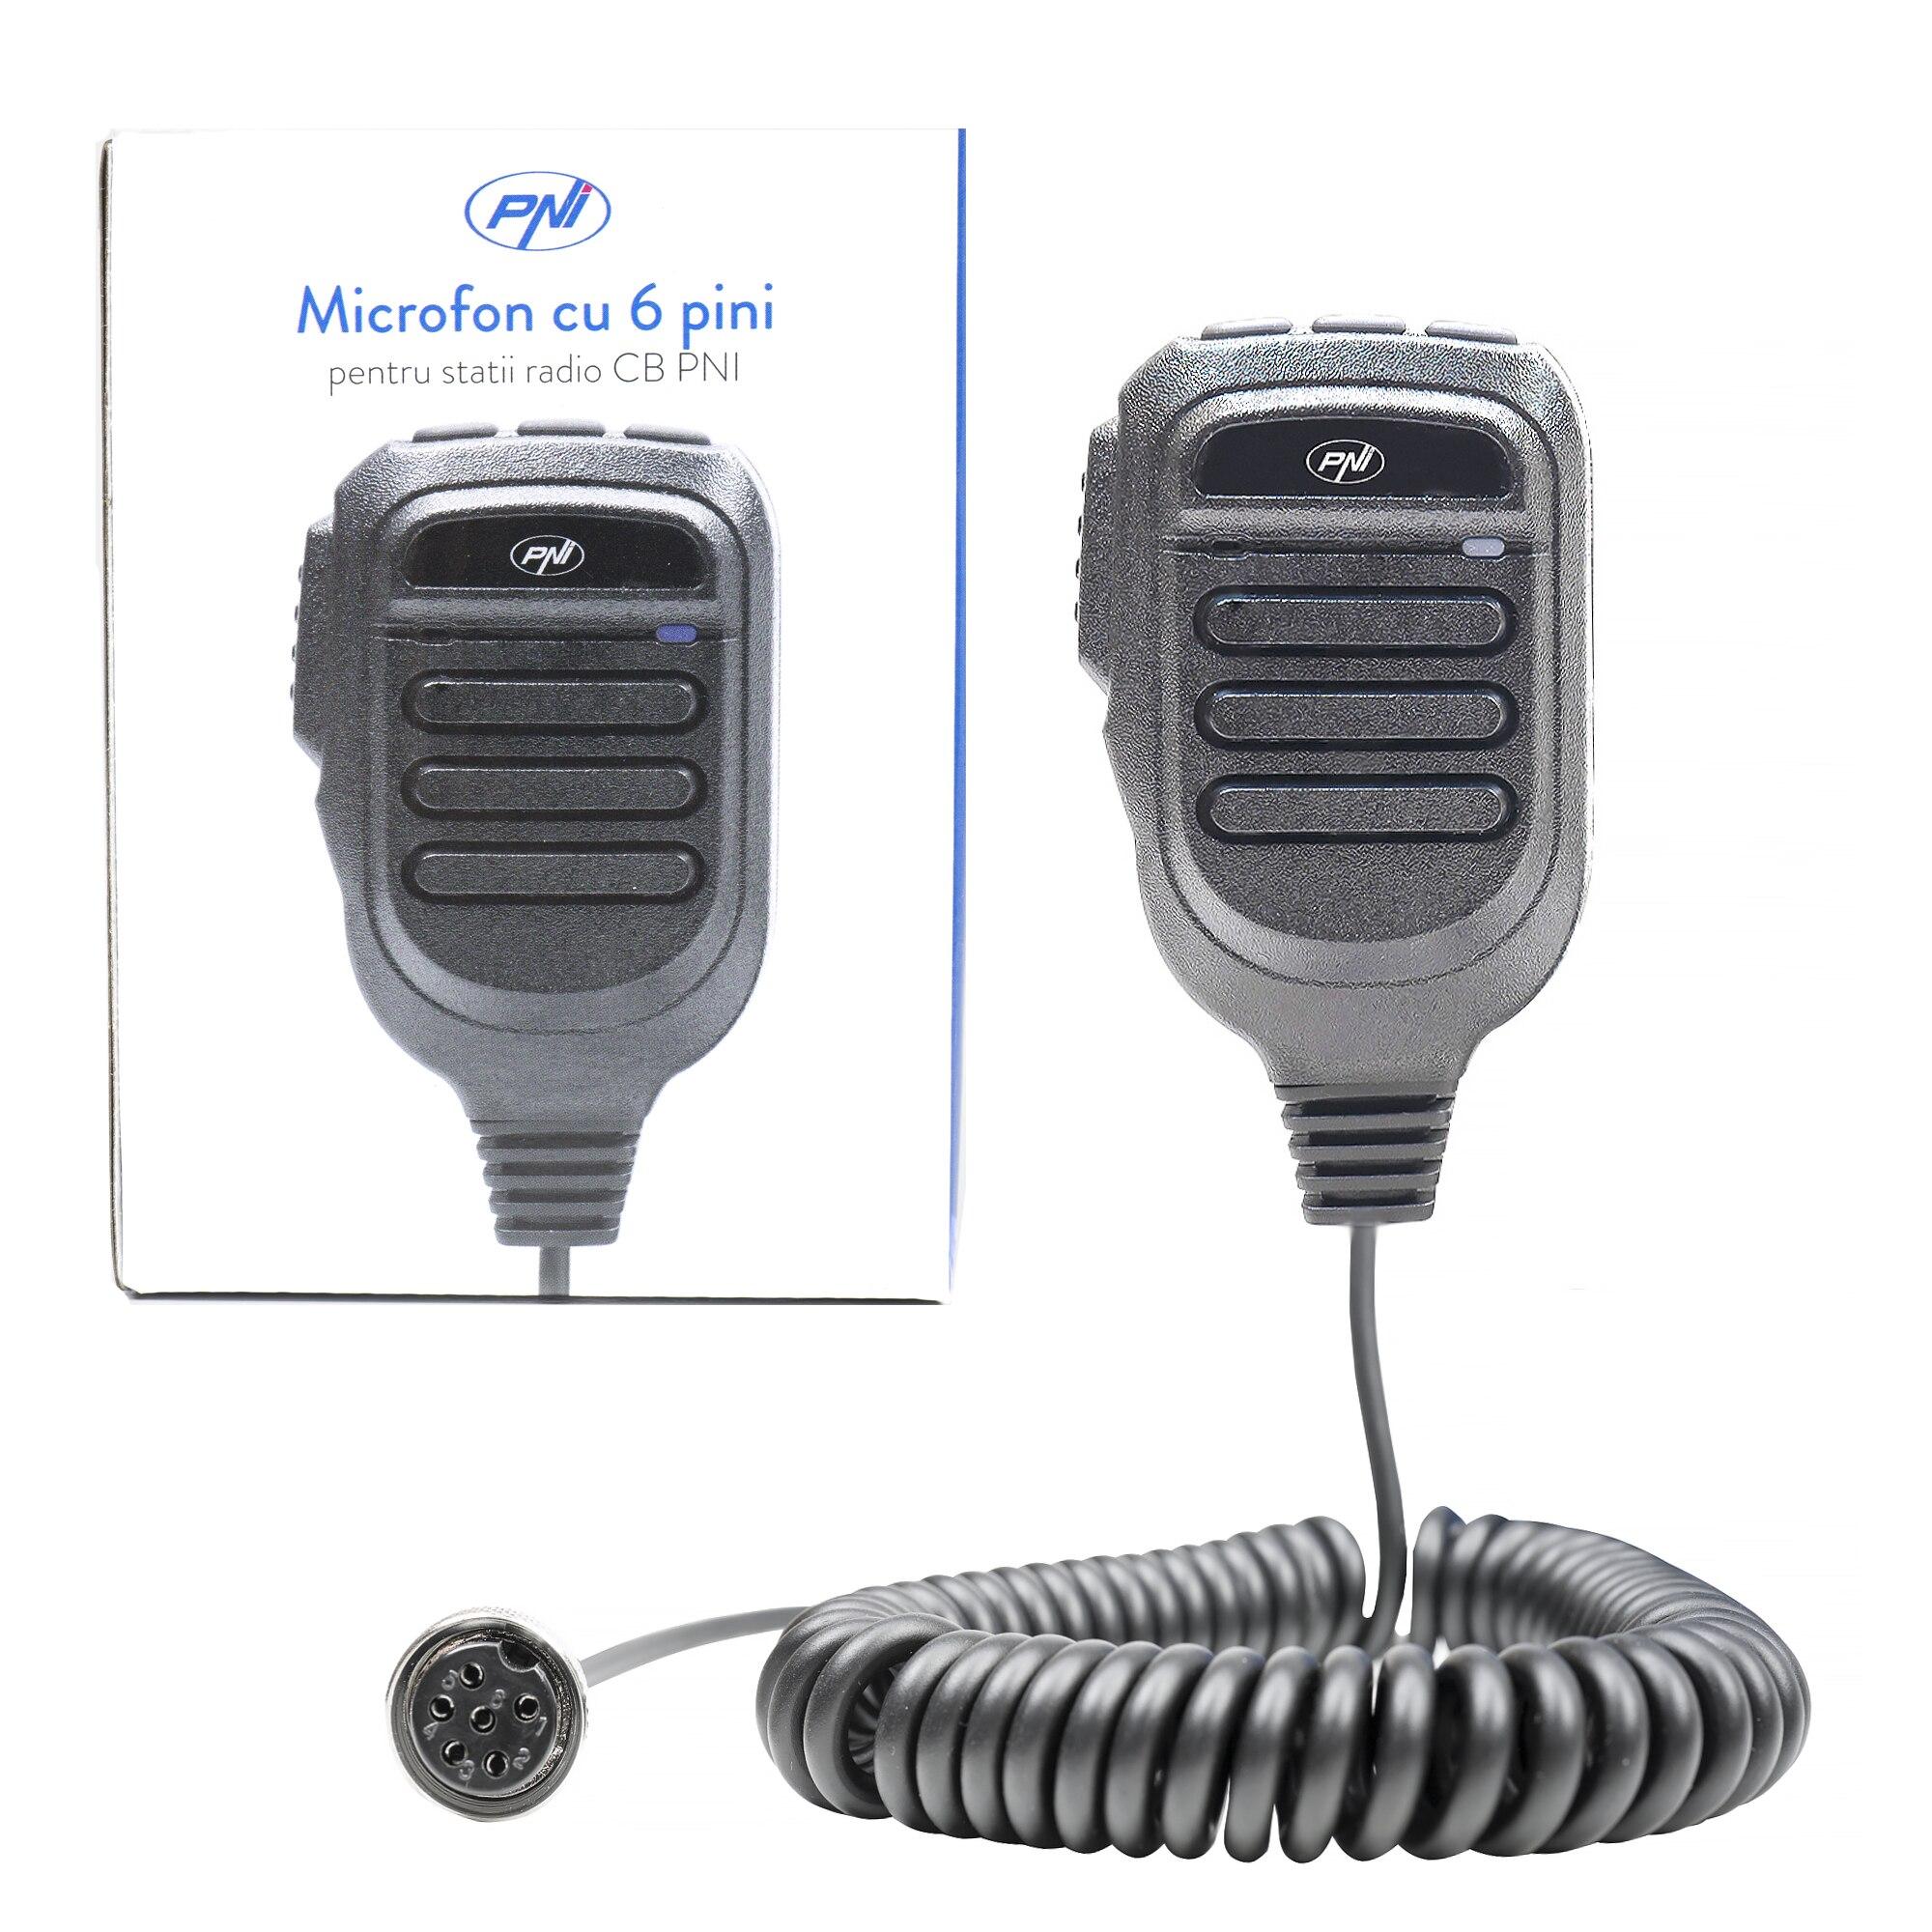 Fotografie Microfon de schimb pentru statie radio CB PNI Escort HP 9500, HP 8900, HP 8000L cu 6 pini